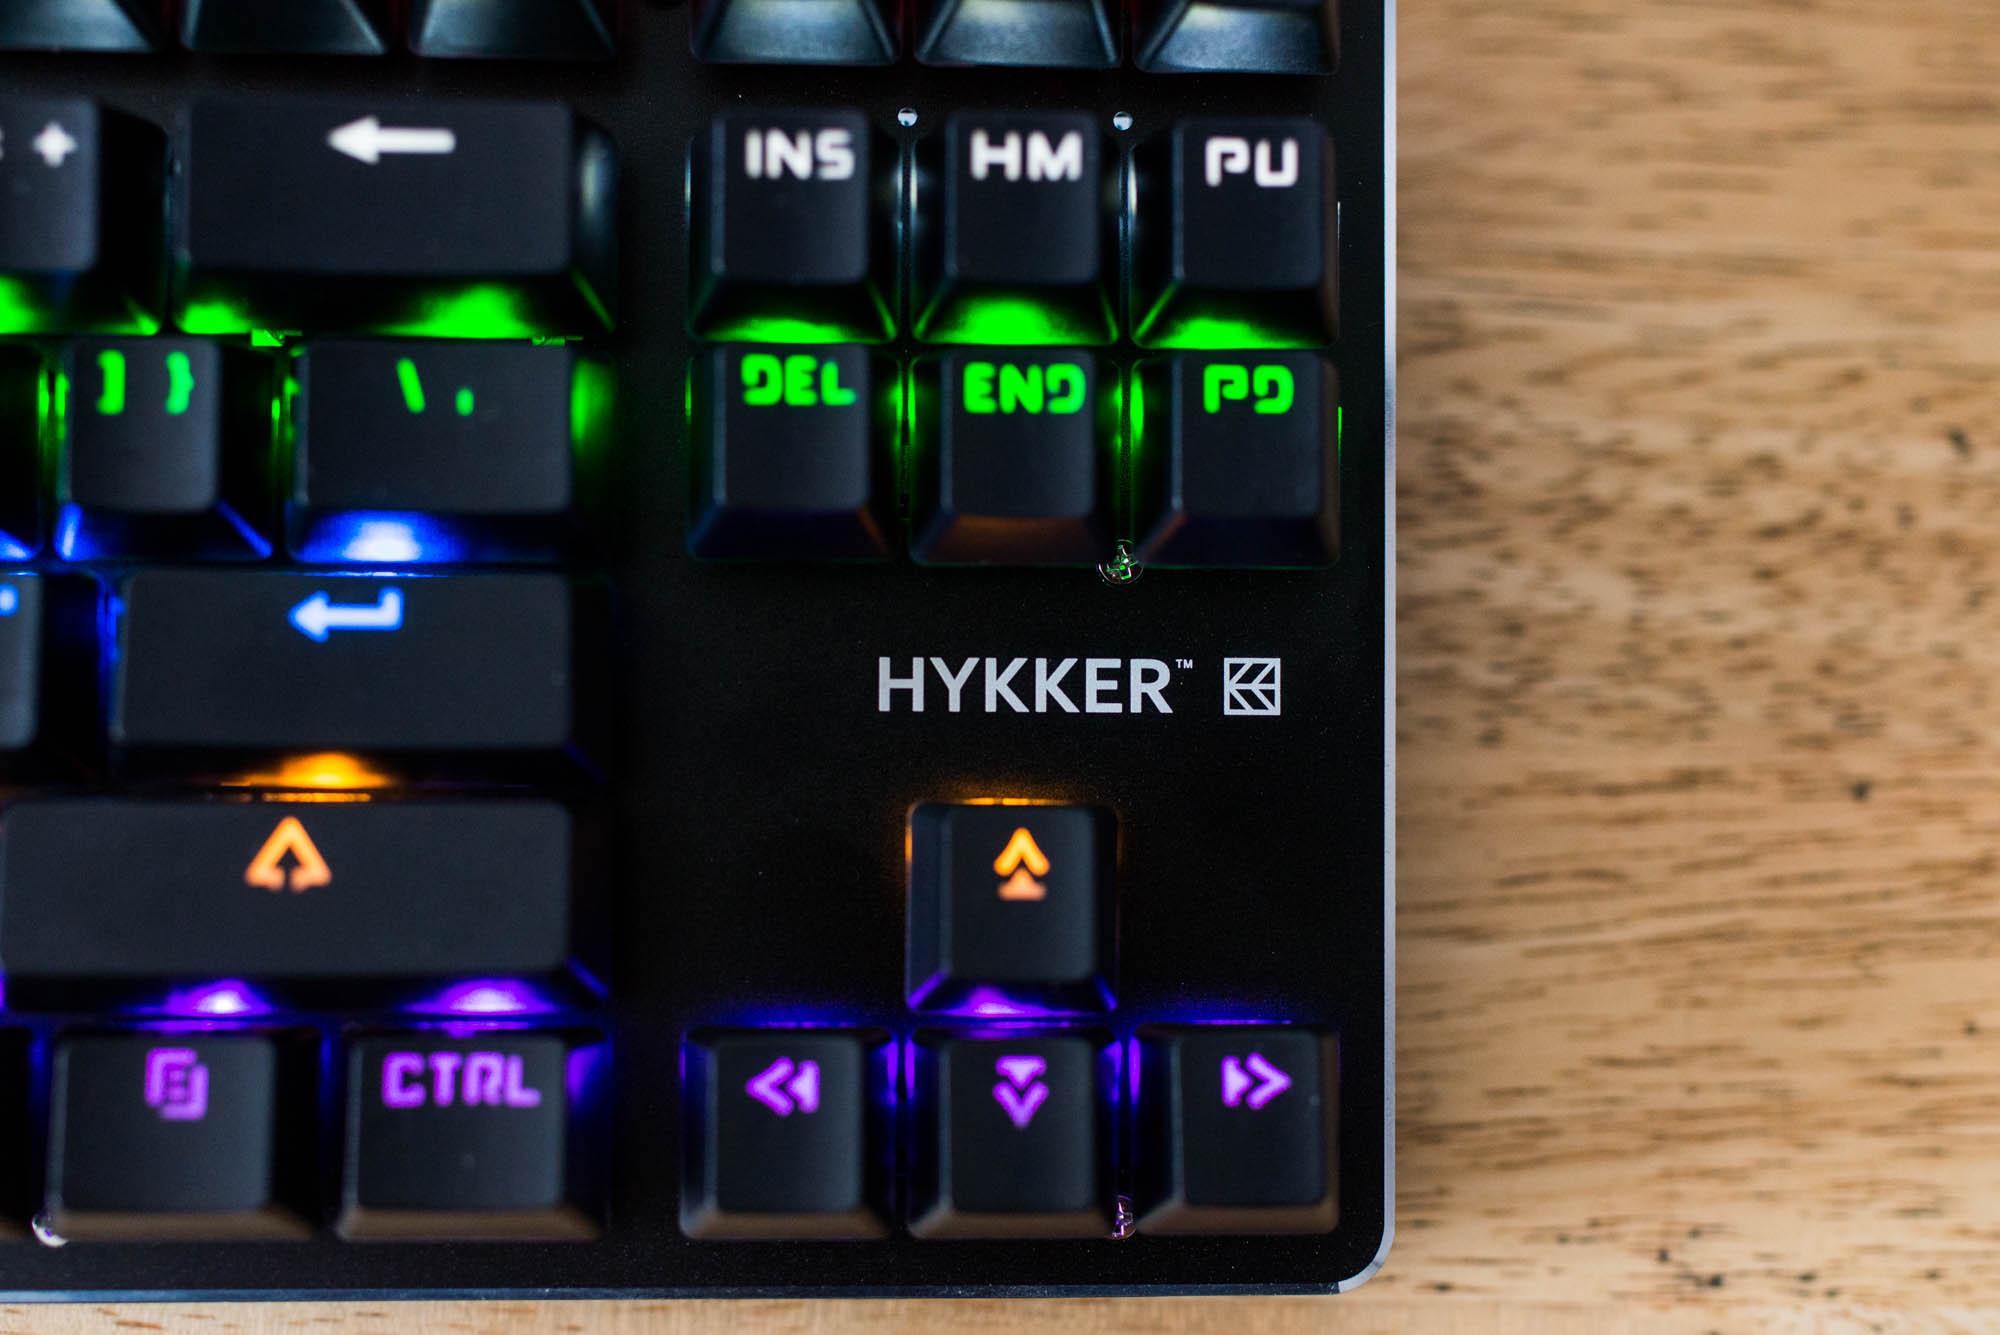 hykker-x-range-3